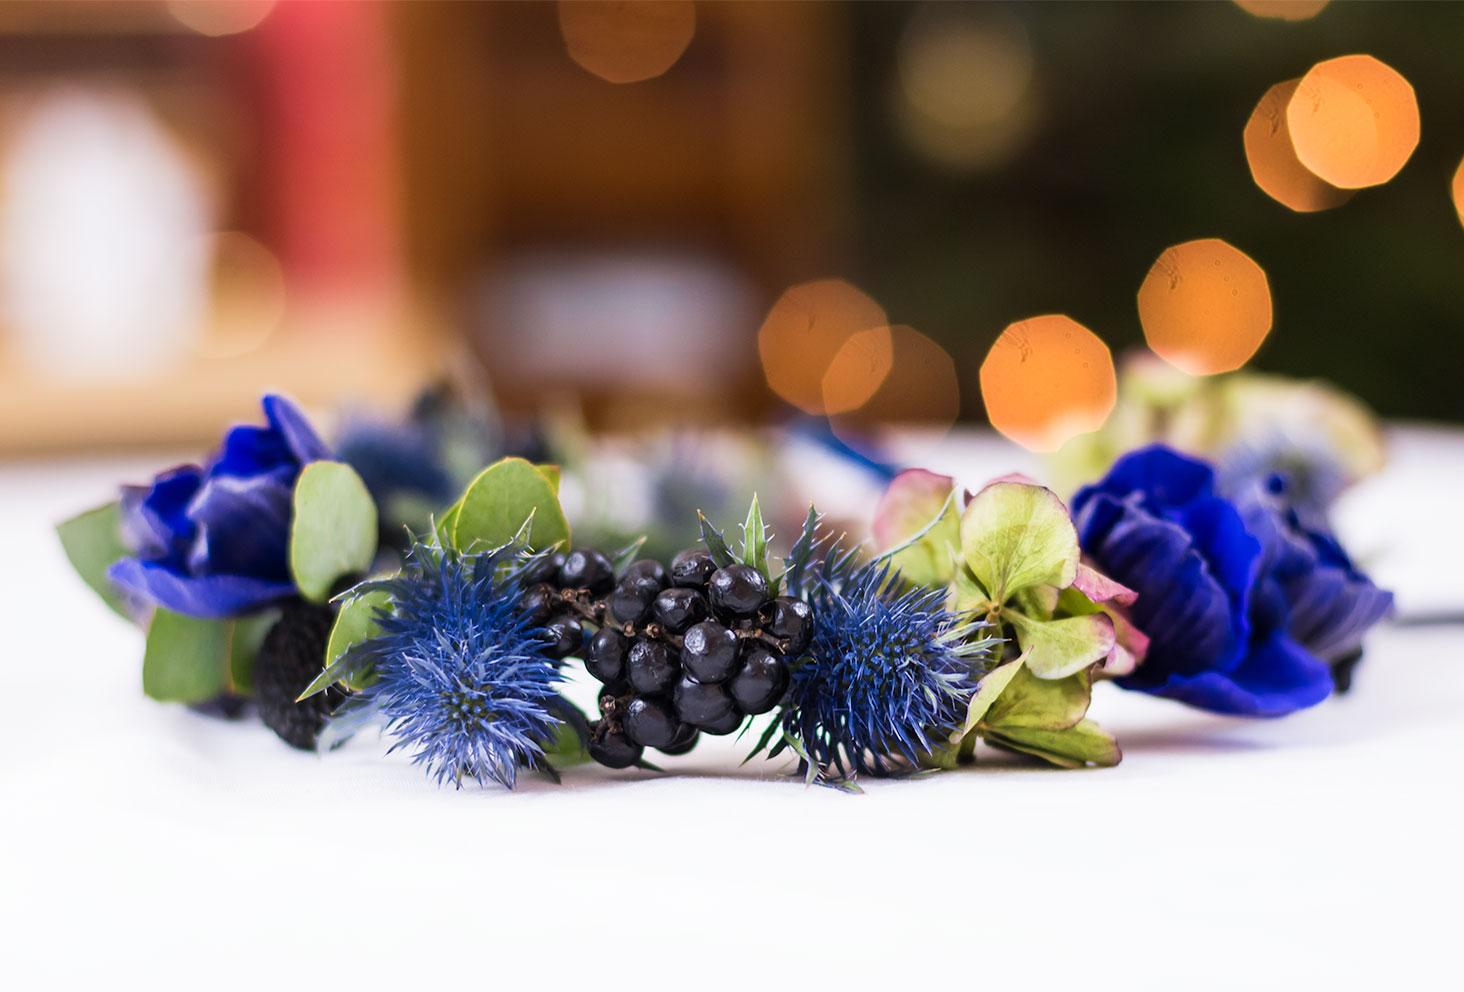 Résultat de la couronne de fleurs Les Herbes Folles terminée